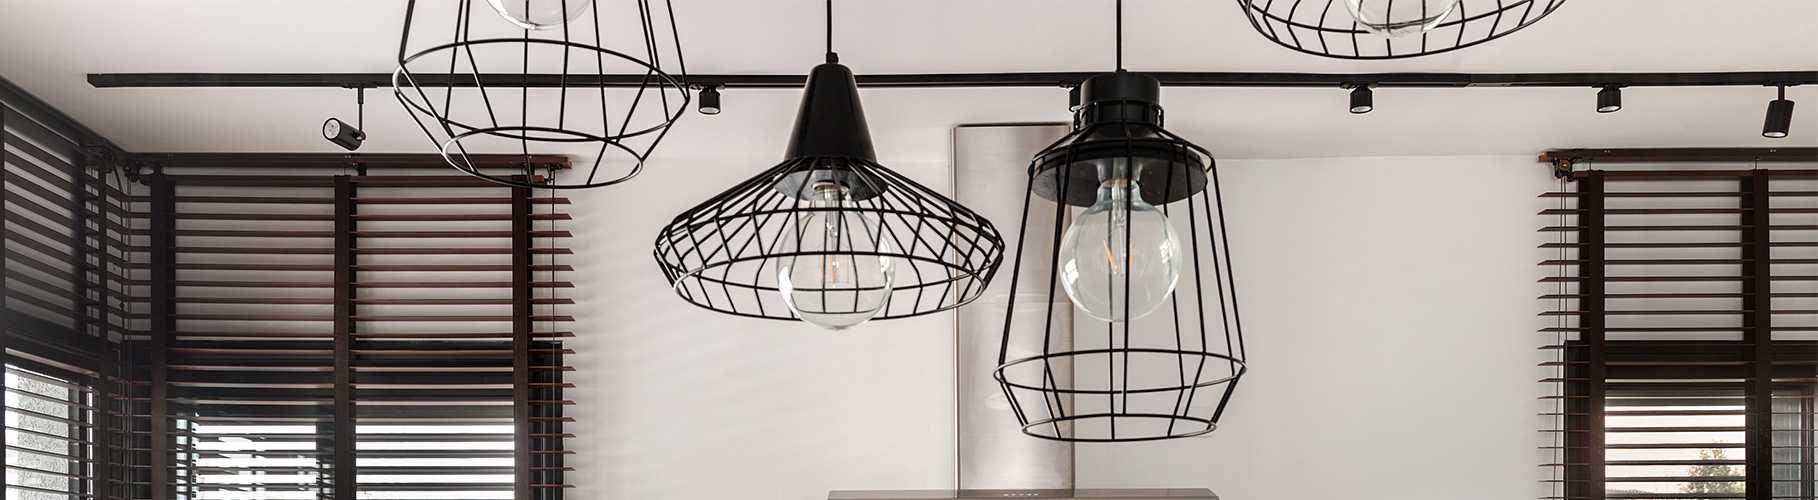 תאורה תלויה מטבח כפרי